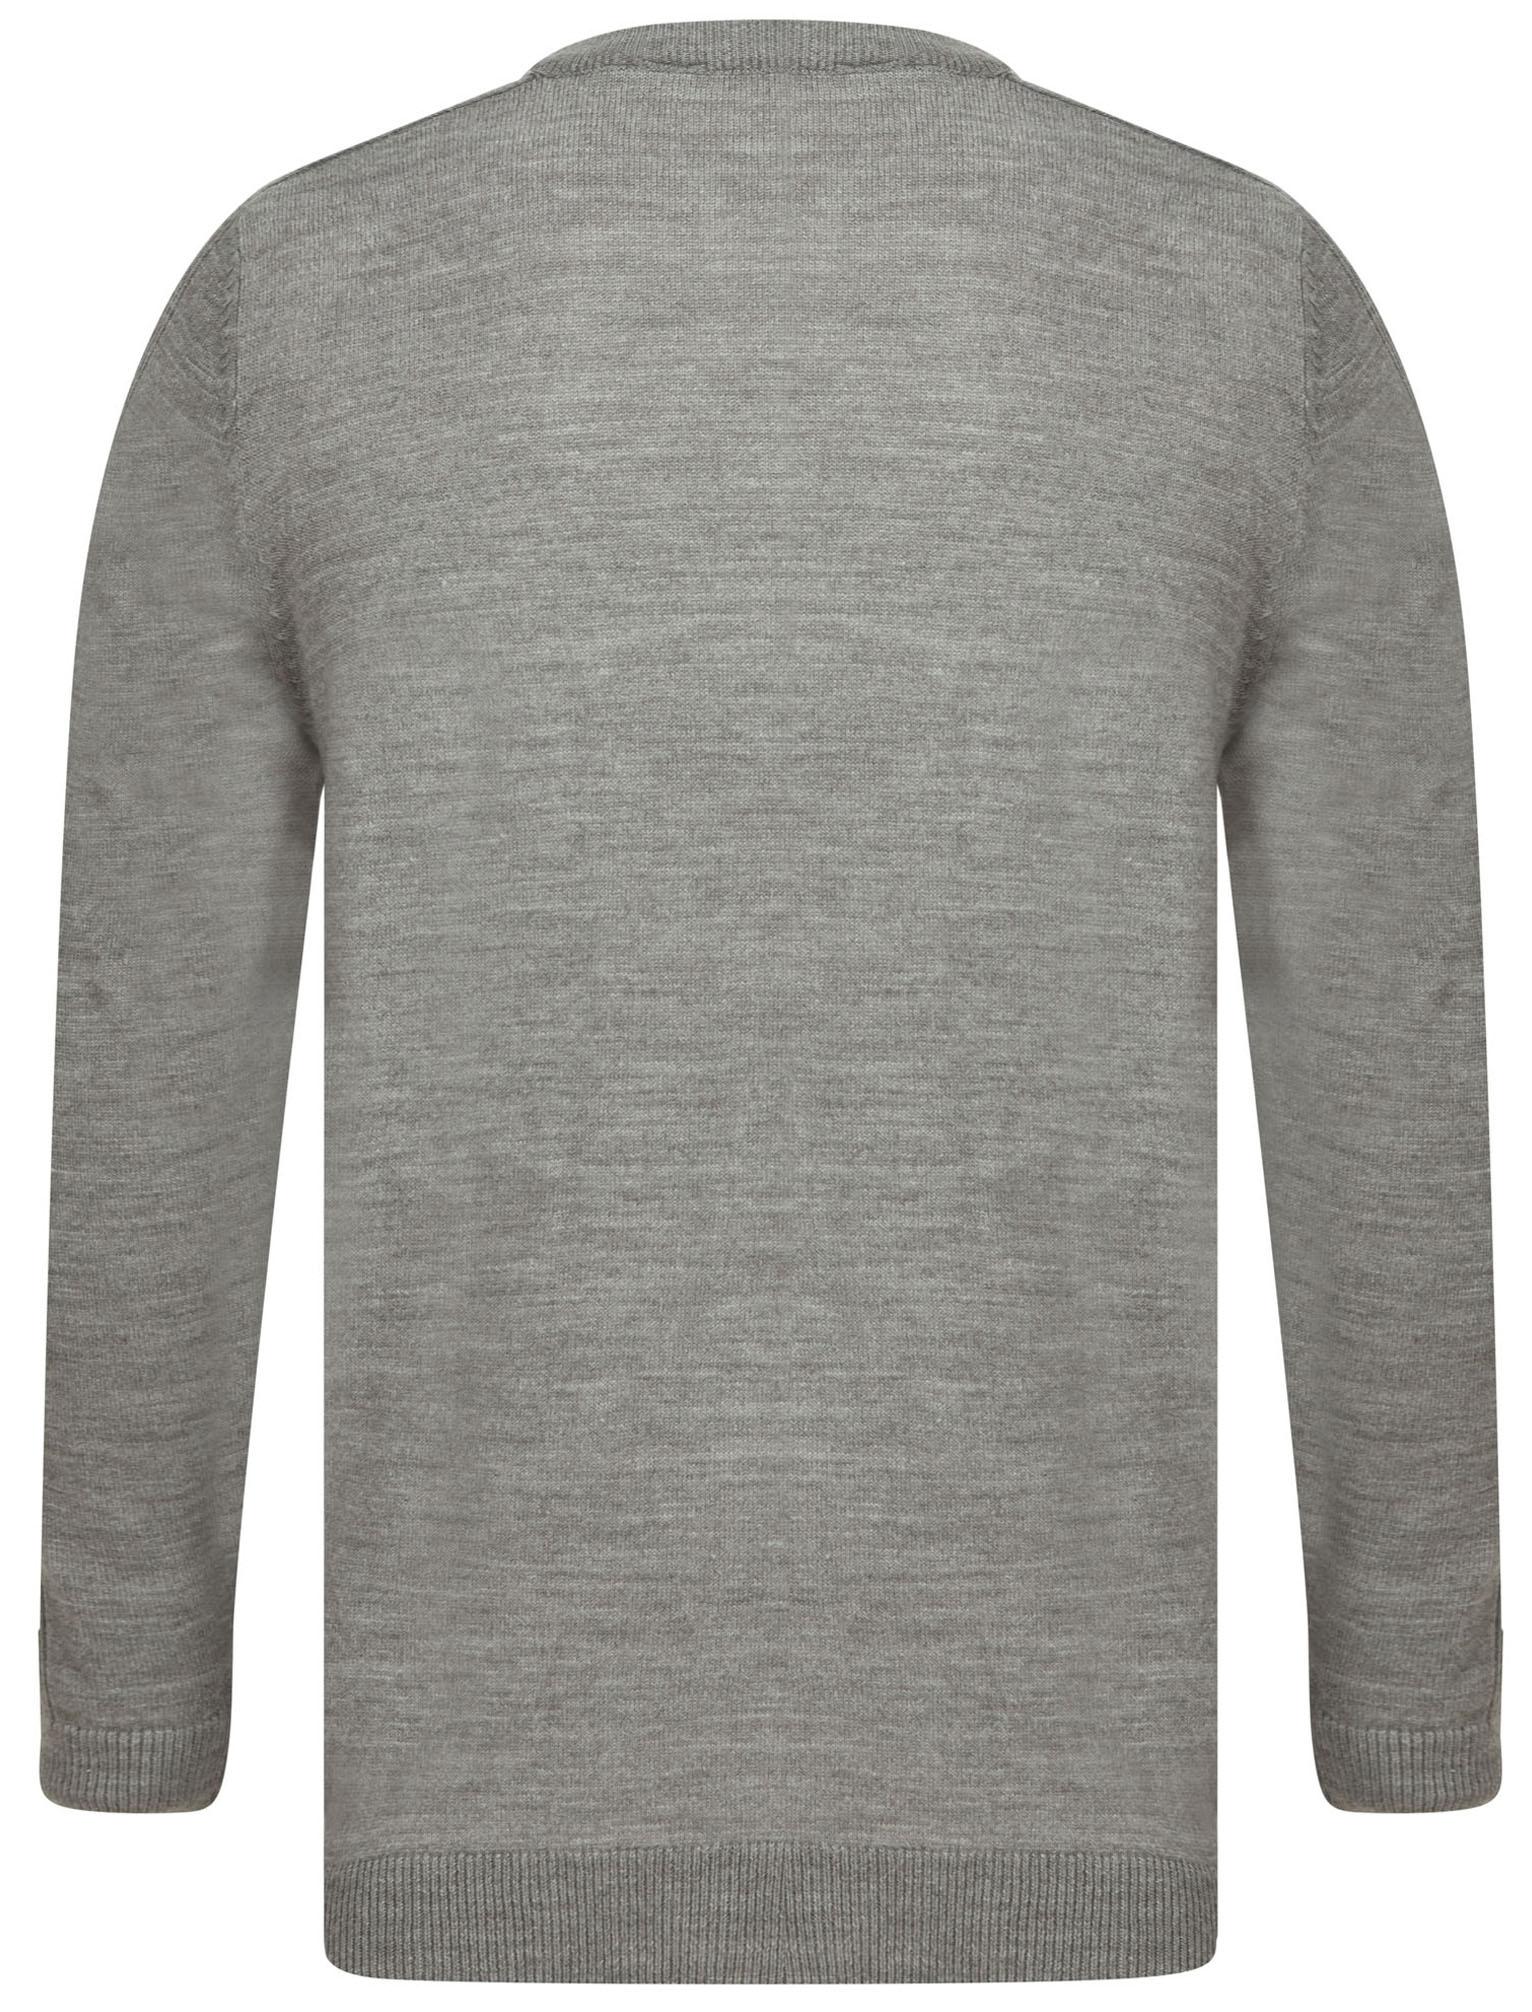 Kensington-Eastside-Men-039-s-Knitted-Crew-or-V-Neck-Jumper-Sweater-Top-Pullover thumbnail 68